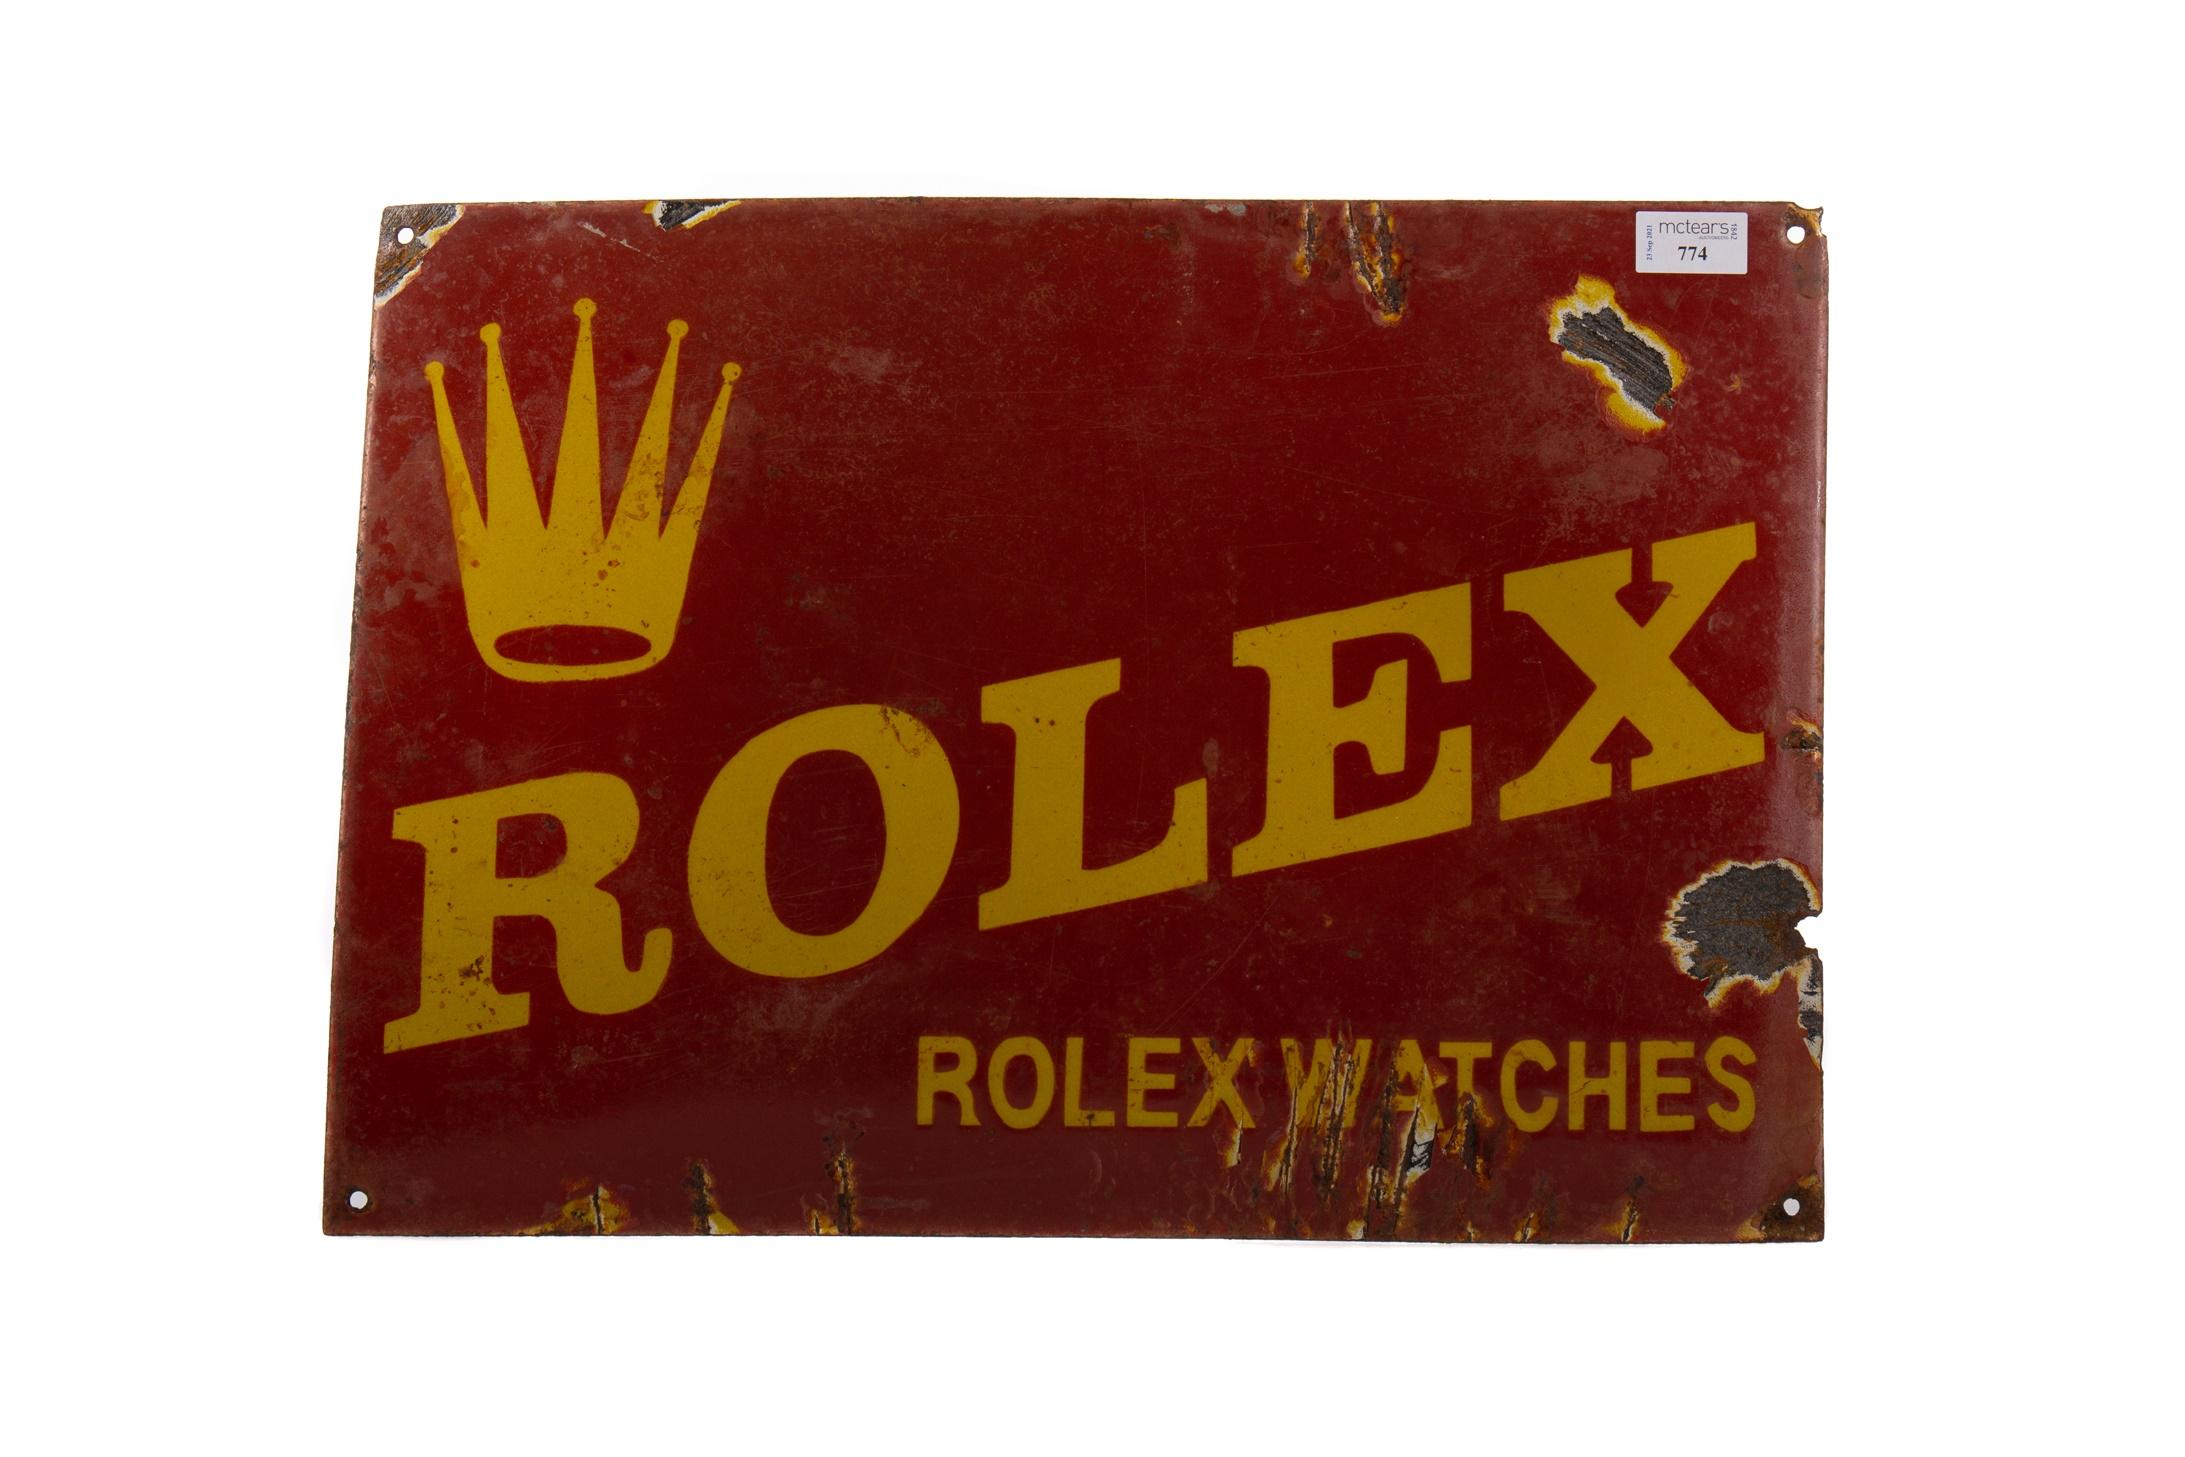 AN ENAMELLED 'ROLEX' ADVERTISEMENT SIGN